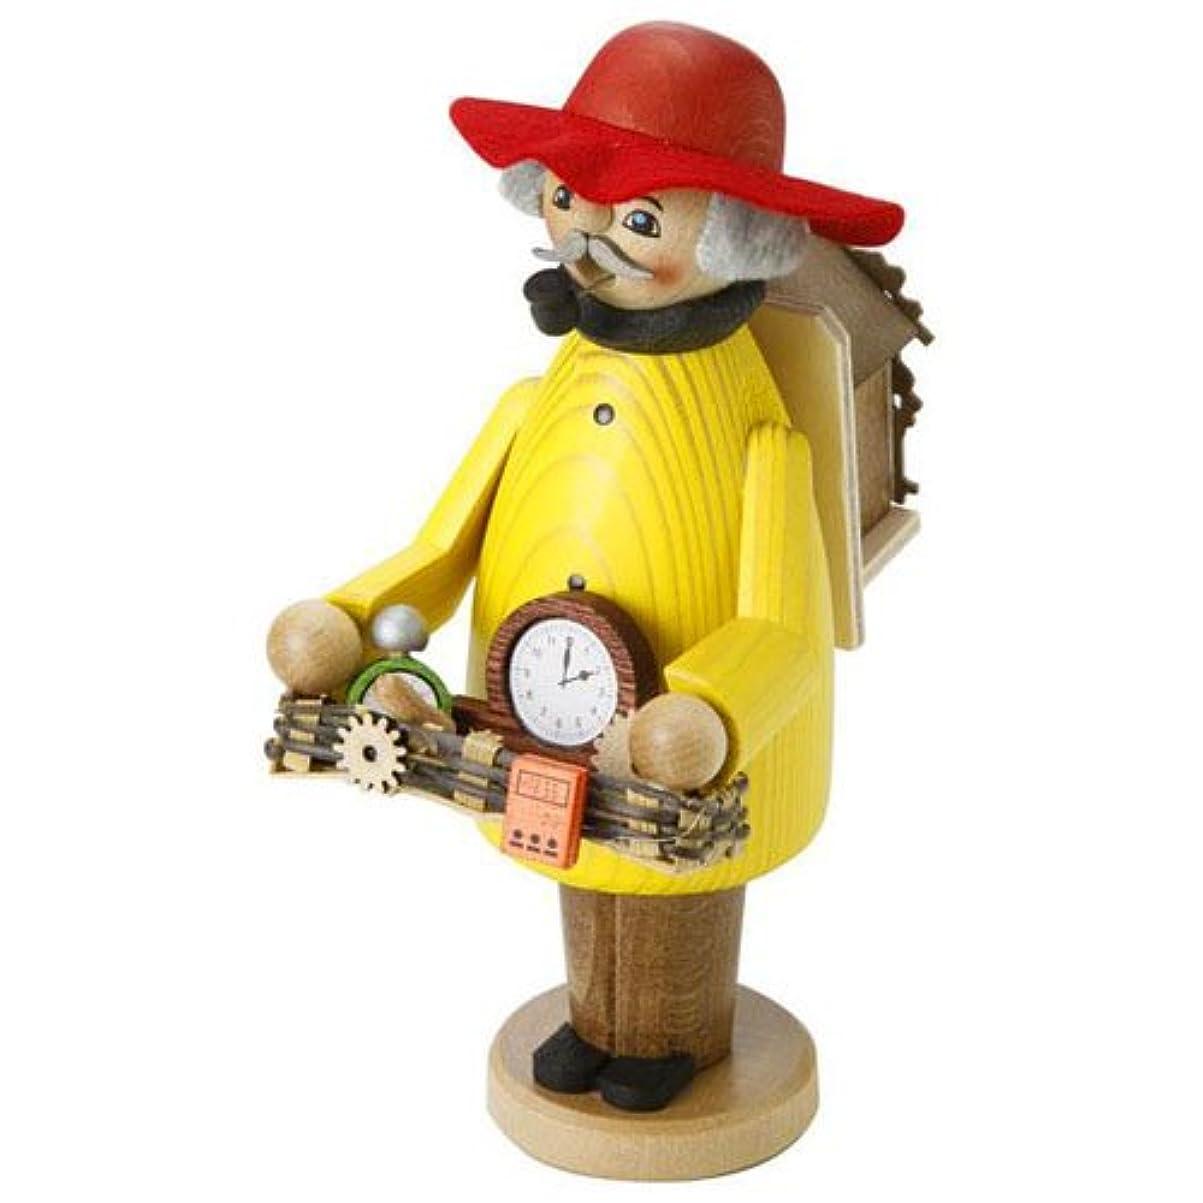 ストラトフォードオンエイボンやめる駐地kuhnert ミニパイプ人形香炉 時計売り